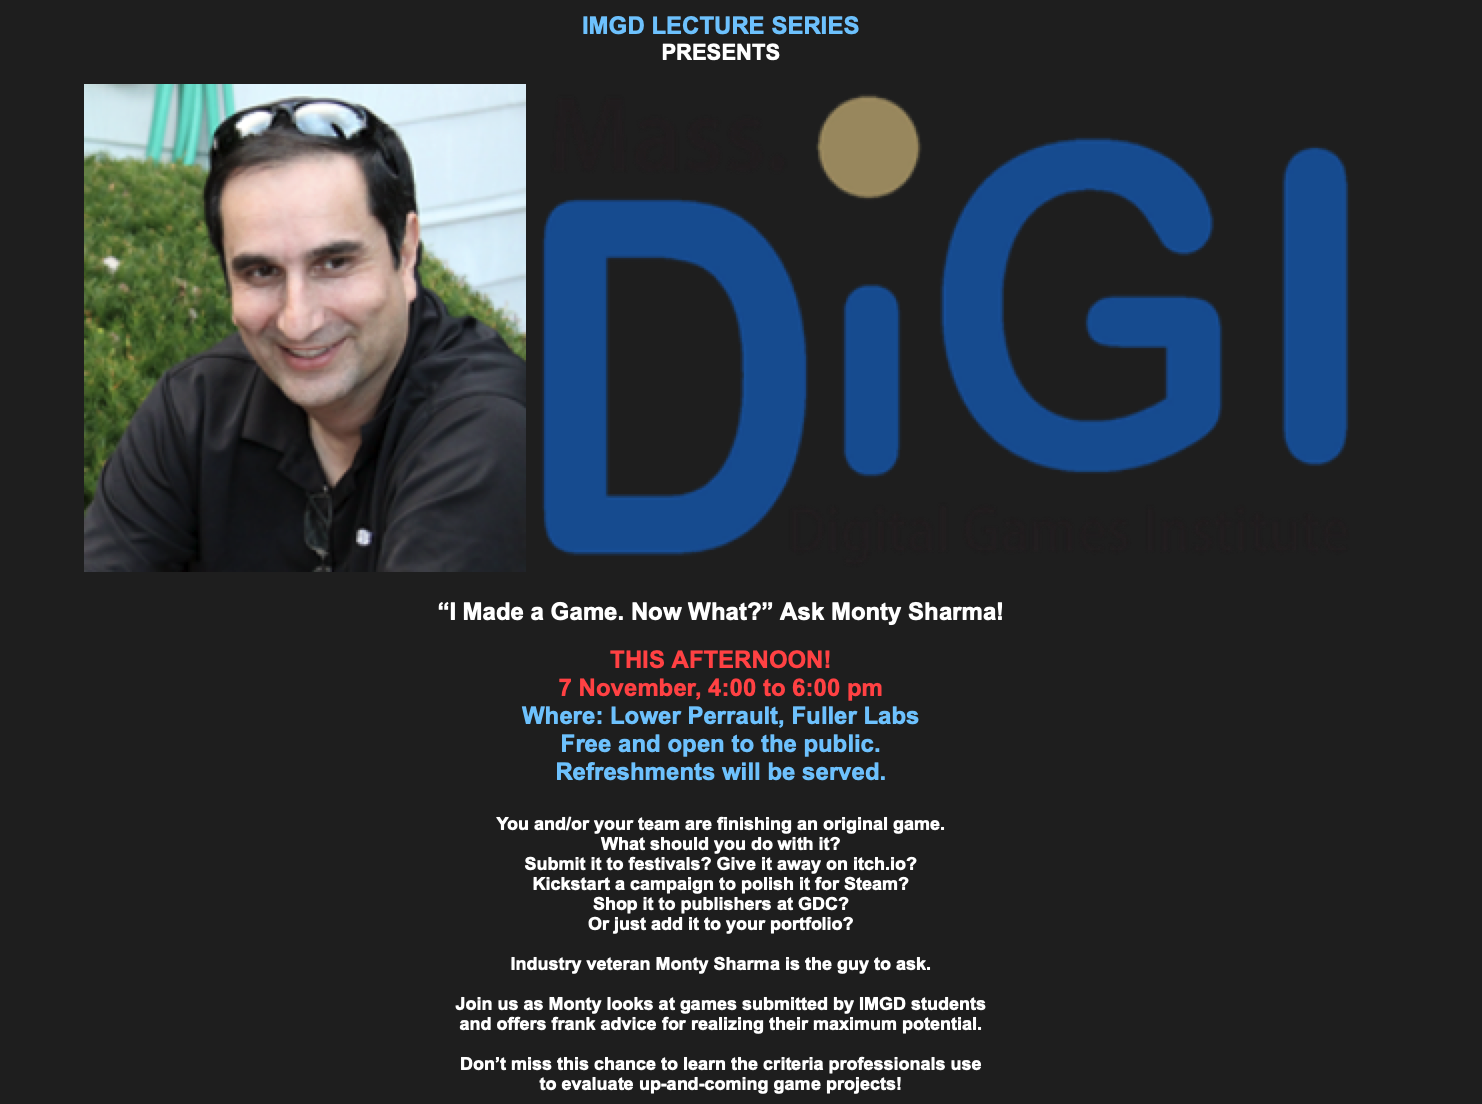 MassDiGI speaker event flyer